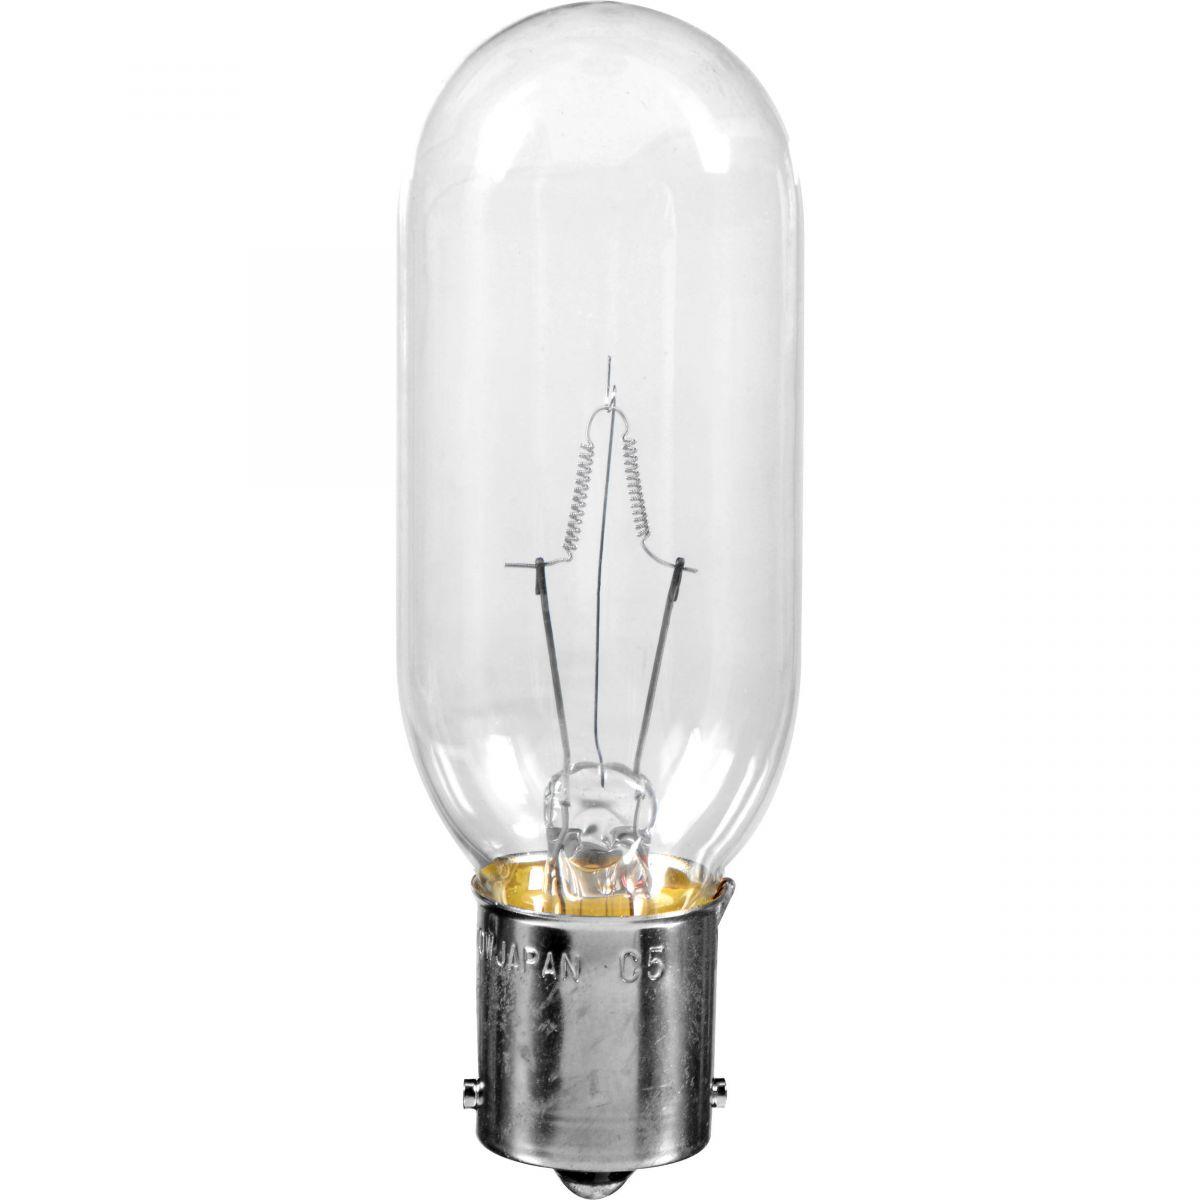 Cod.CDD Lâmpada CDD 120V 100W   - lampadas.net